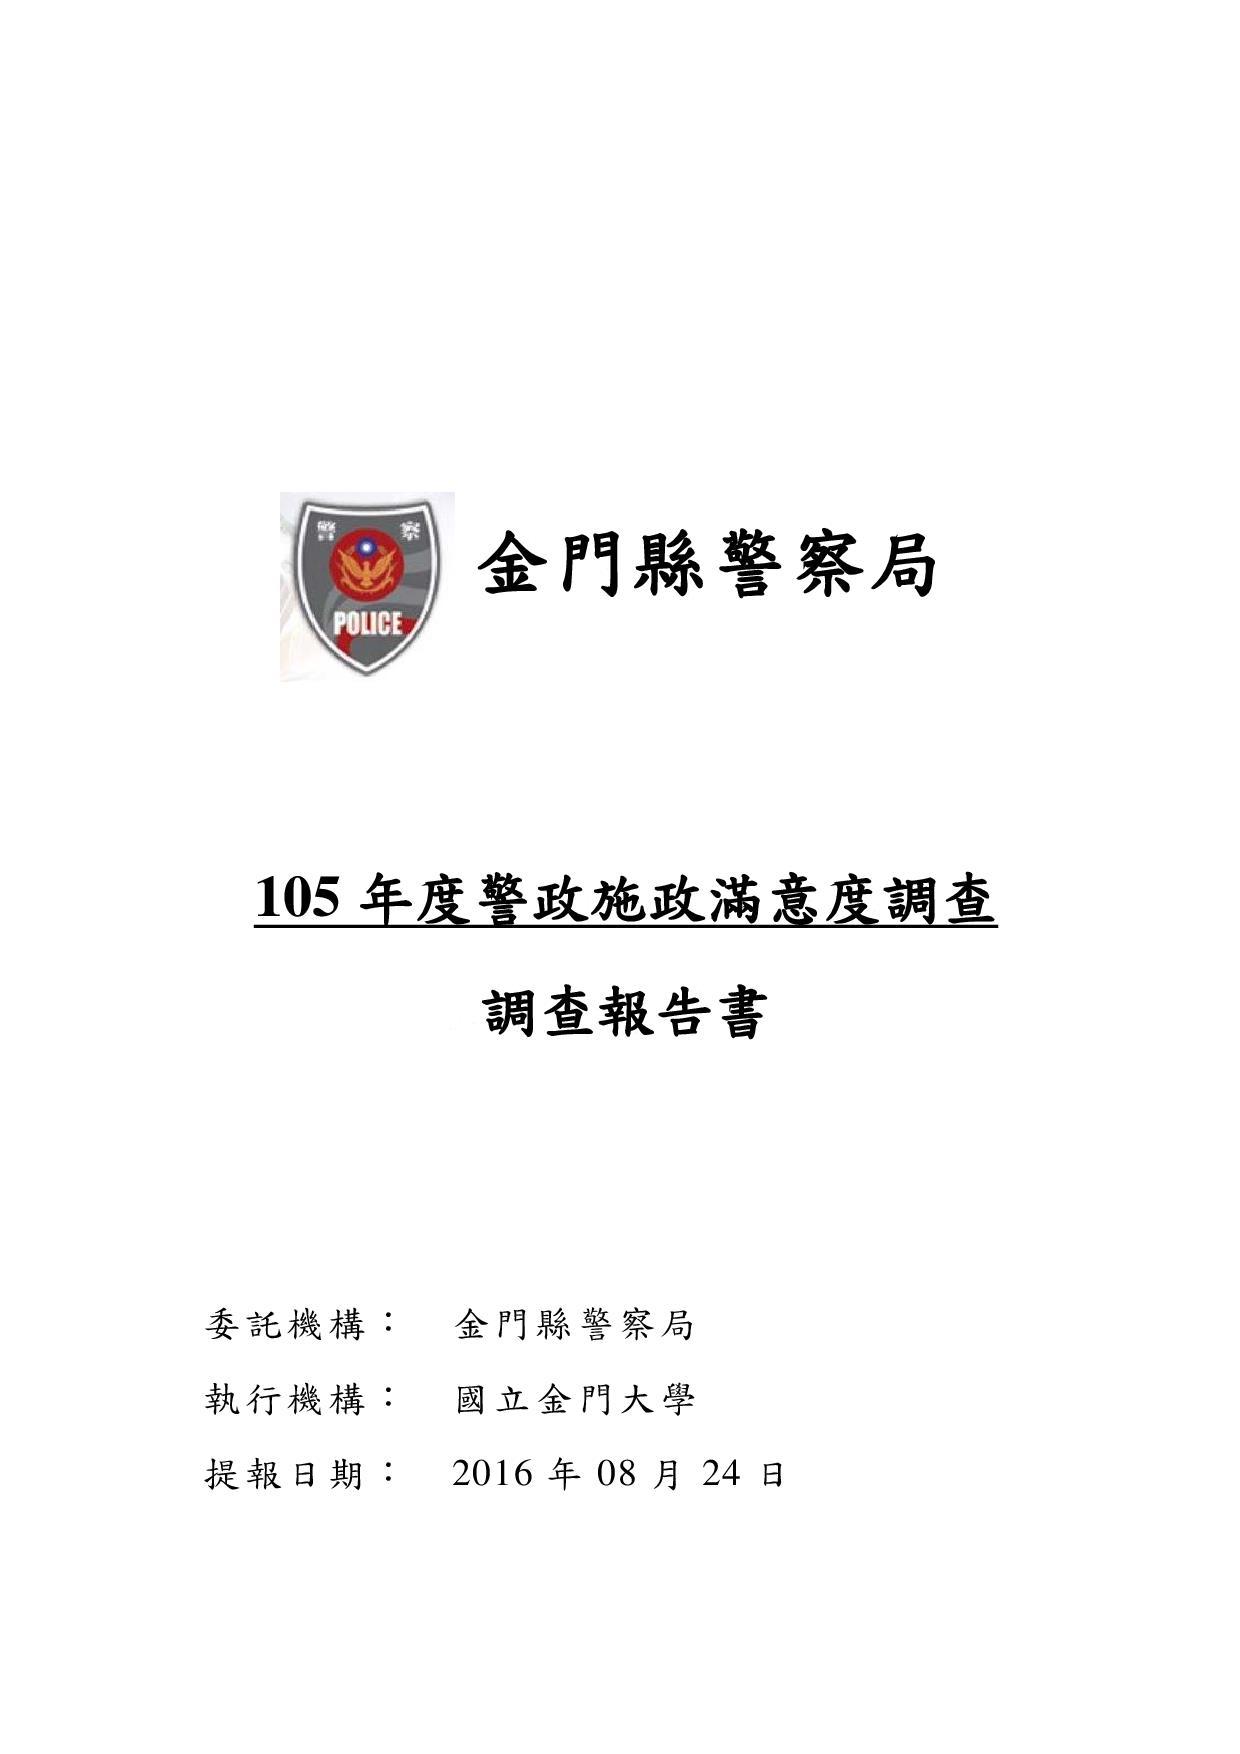 105年度警政施政滿意度調查報告書